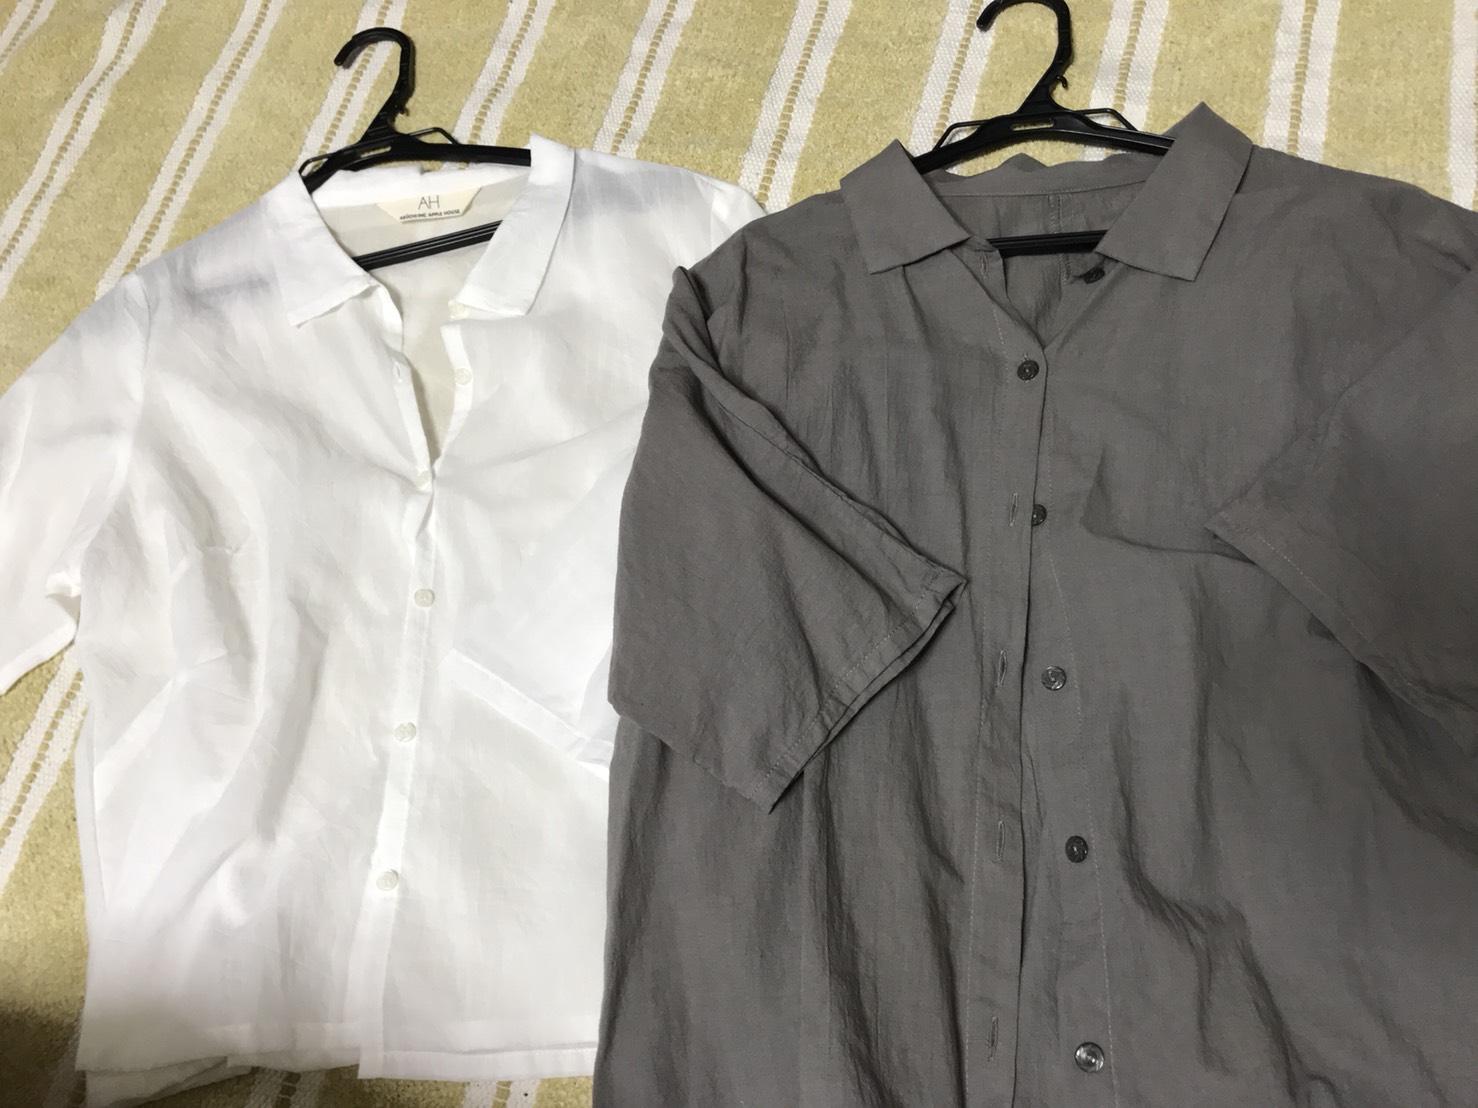 バーゲンで購入したアップルハウスのシャツ2枚